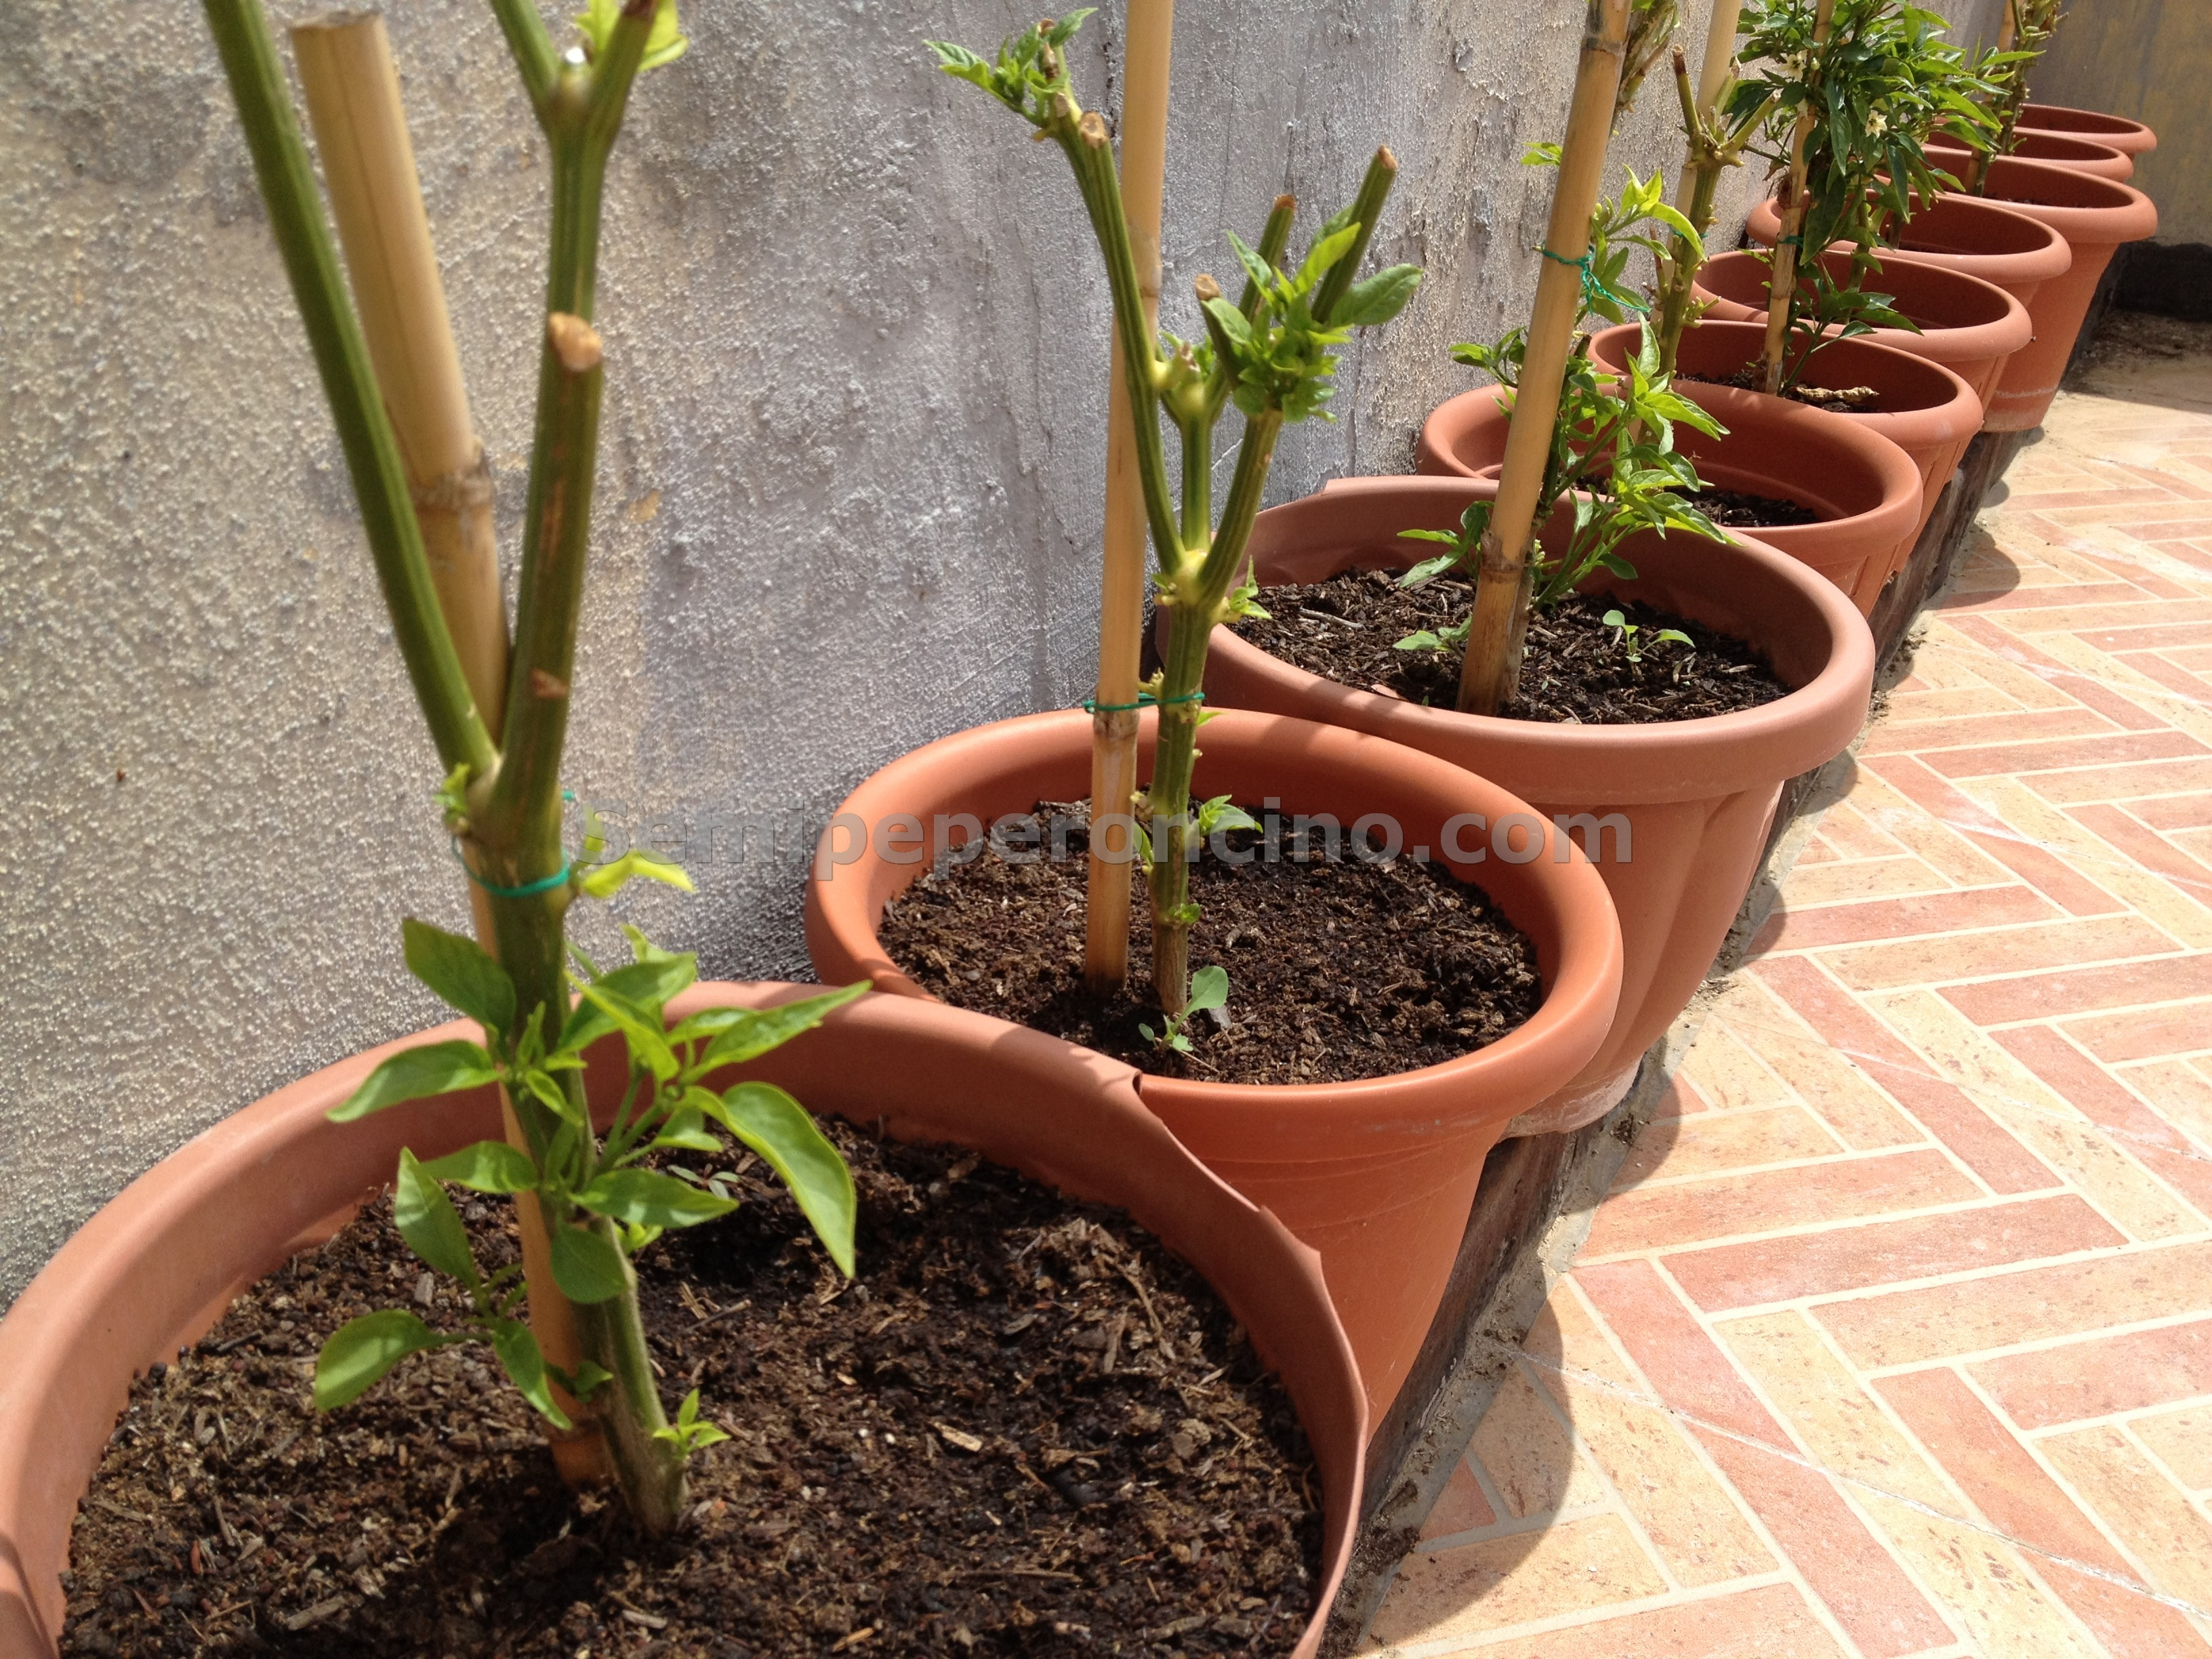 Peperoncini la guida completa sulla coltivazione del - Rami secchi decorativi dove comprarli ...